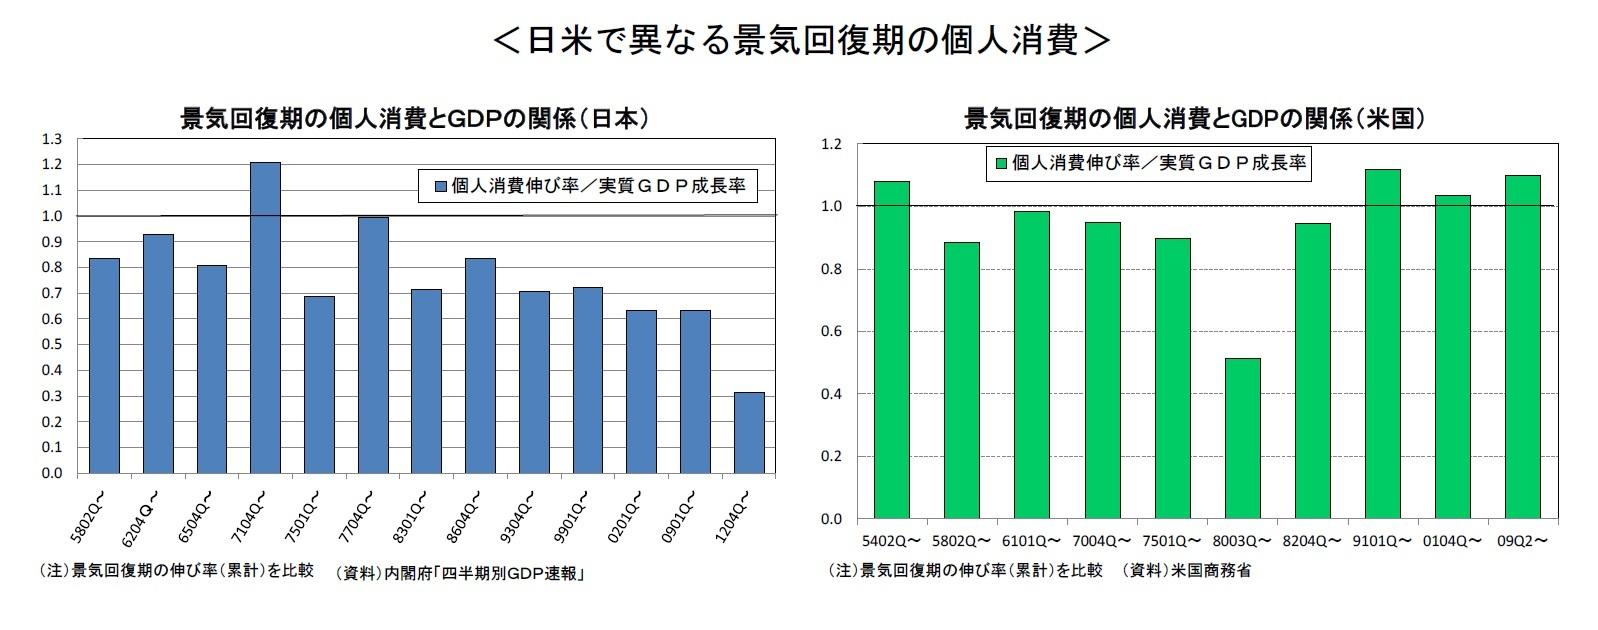 <日米で異なる景気回復期の個人消費>景気回復期の個人消費とGDPの関係(日本)/景気回復期の個人消費とGDPの関係(米国)